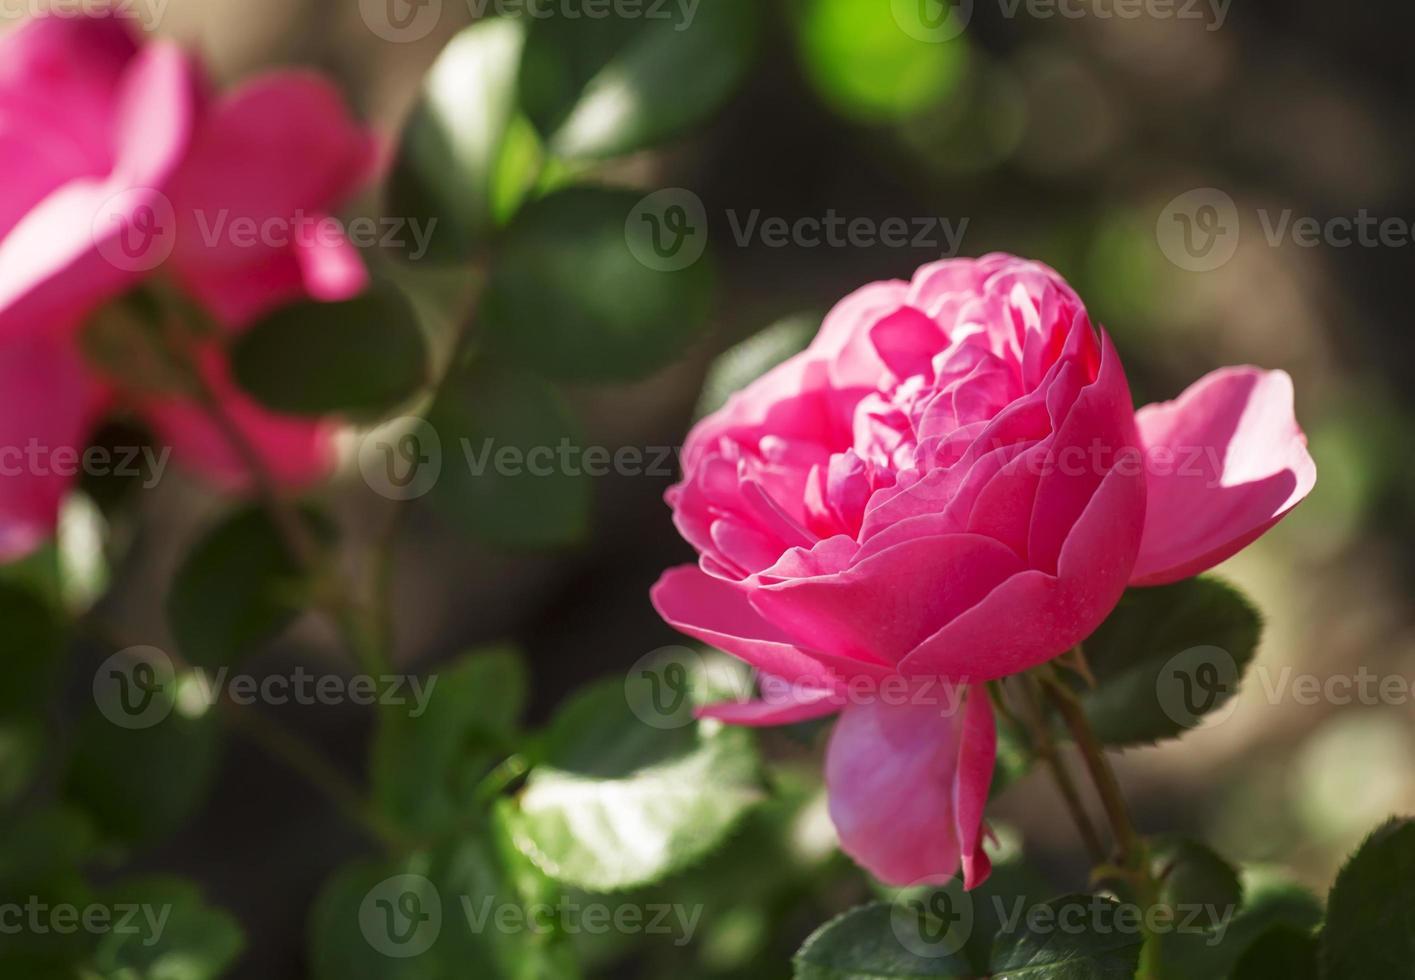 Beautiful pink rose, selective focus photo